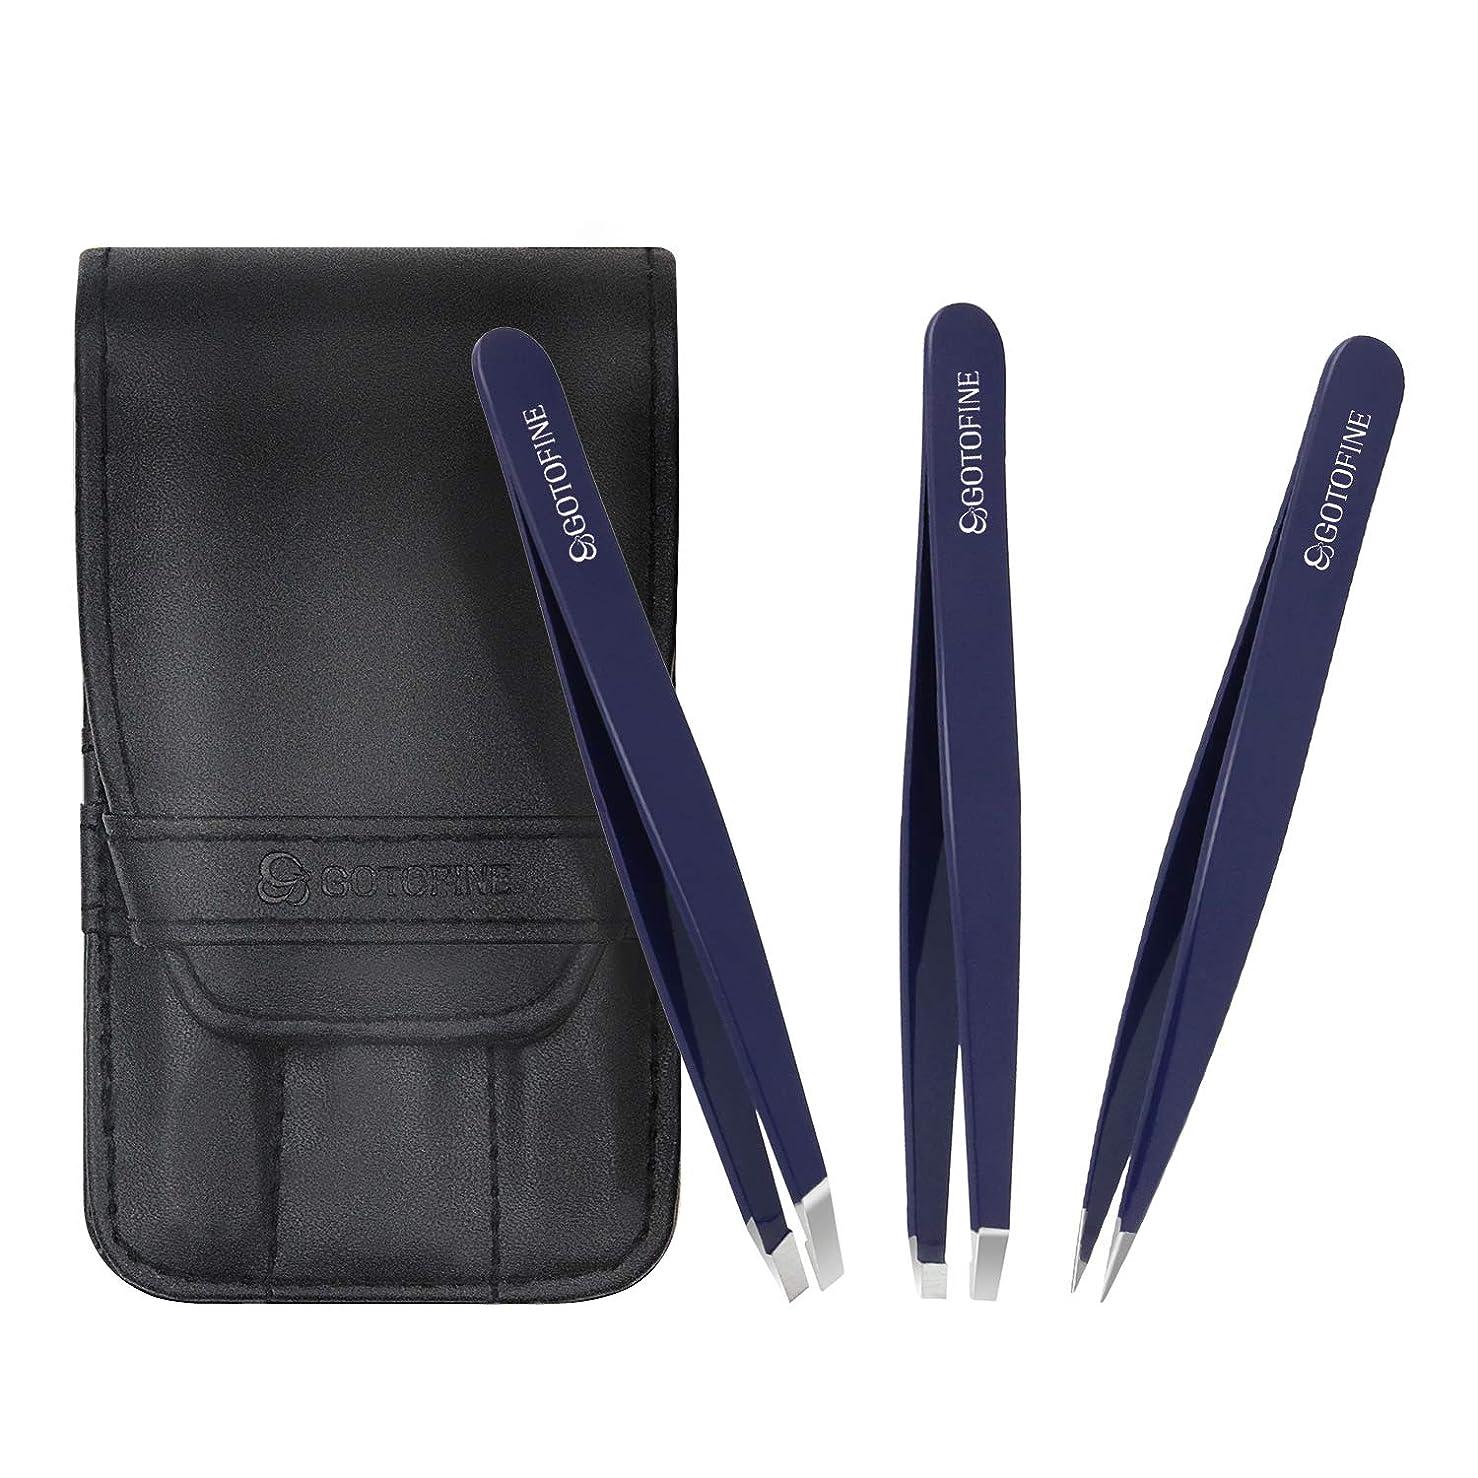 Gotofine 毛抜き 人気のピンセット ツイーザー ステンレス製 3セット 使いやすい 眉毛 PUケース付き(紺)